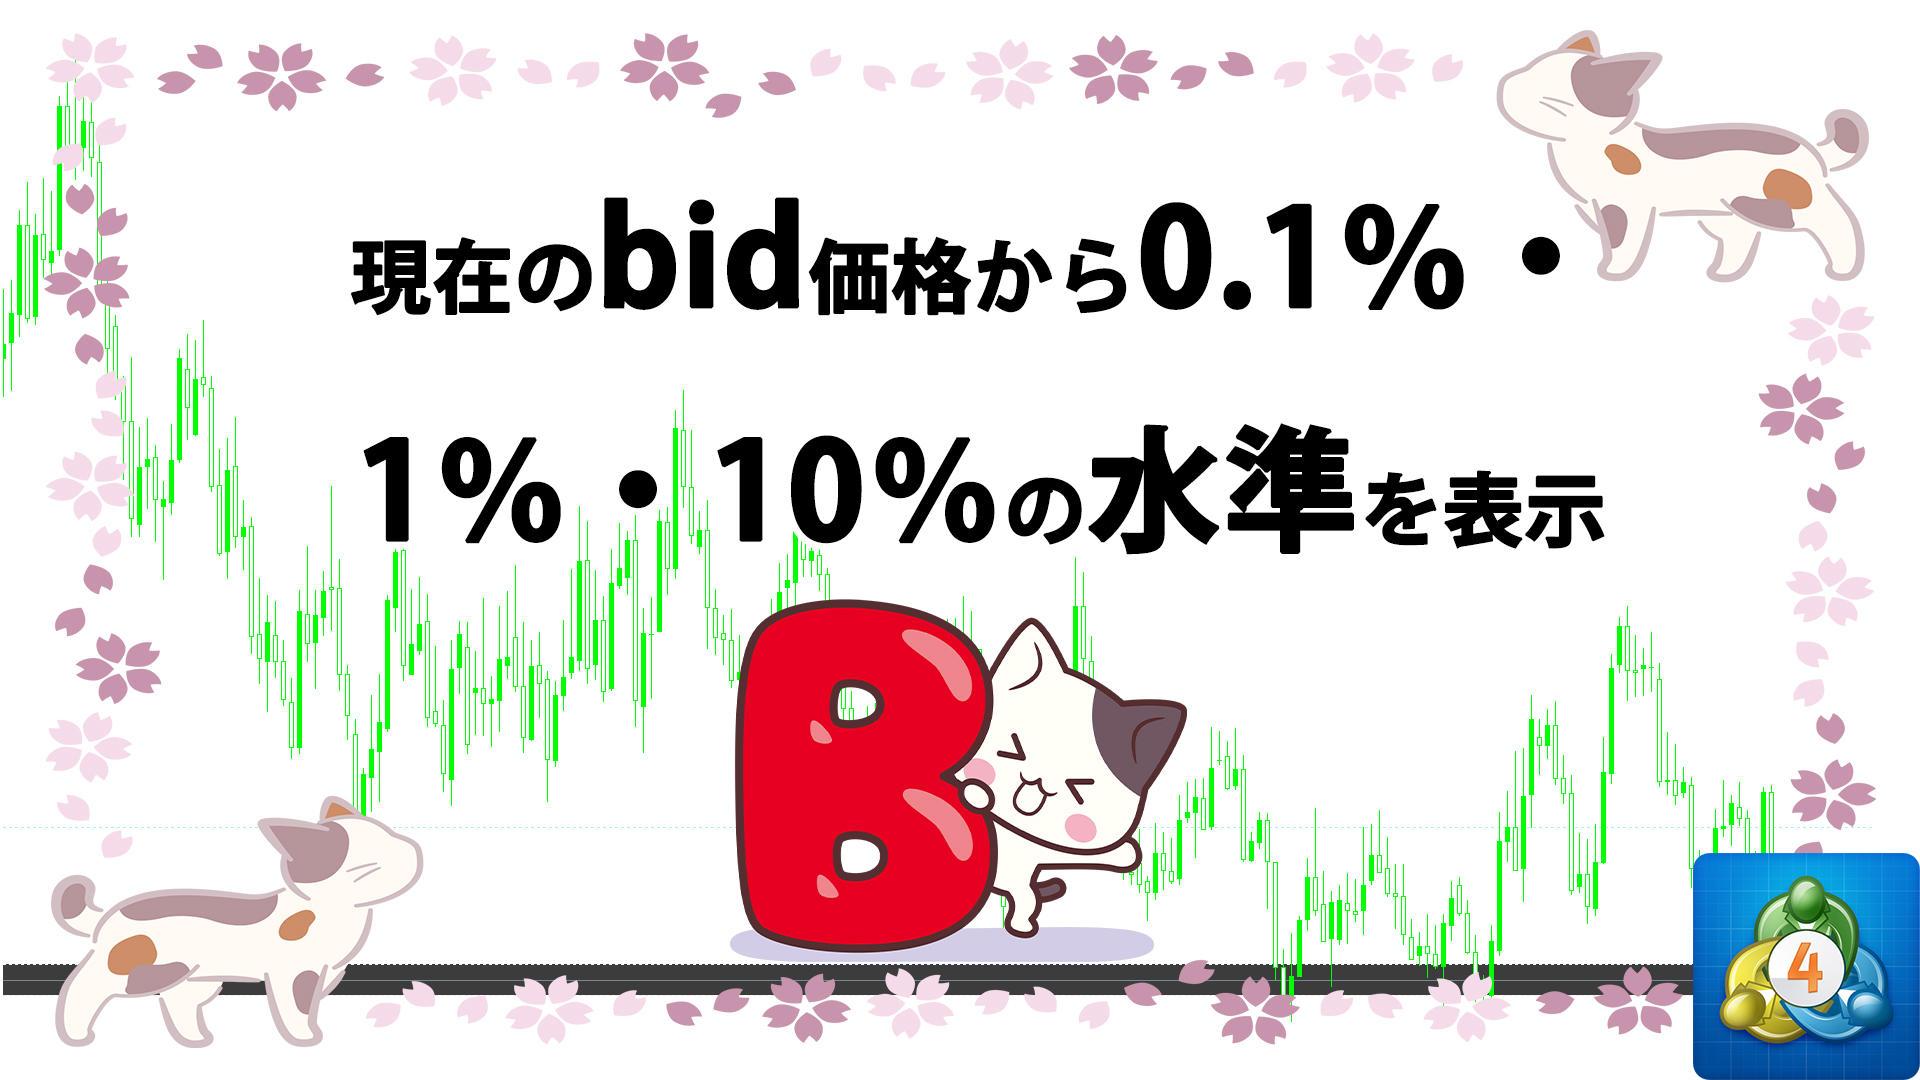 現在のbid価格から上下0.1%・1%・10%の水準にラインを表示するMT4インジケーター「VolatilityLine」